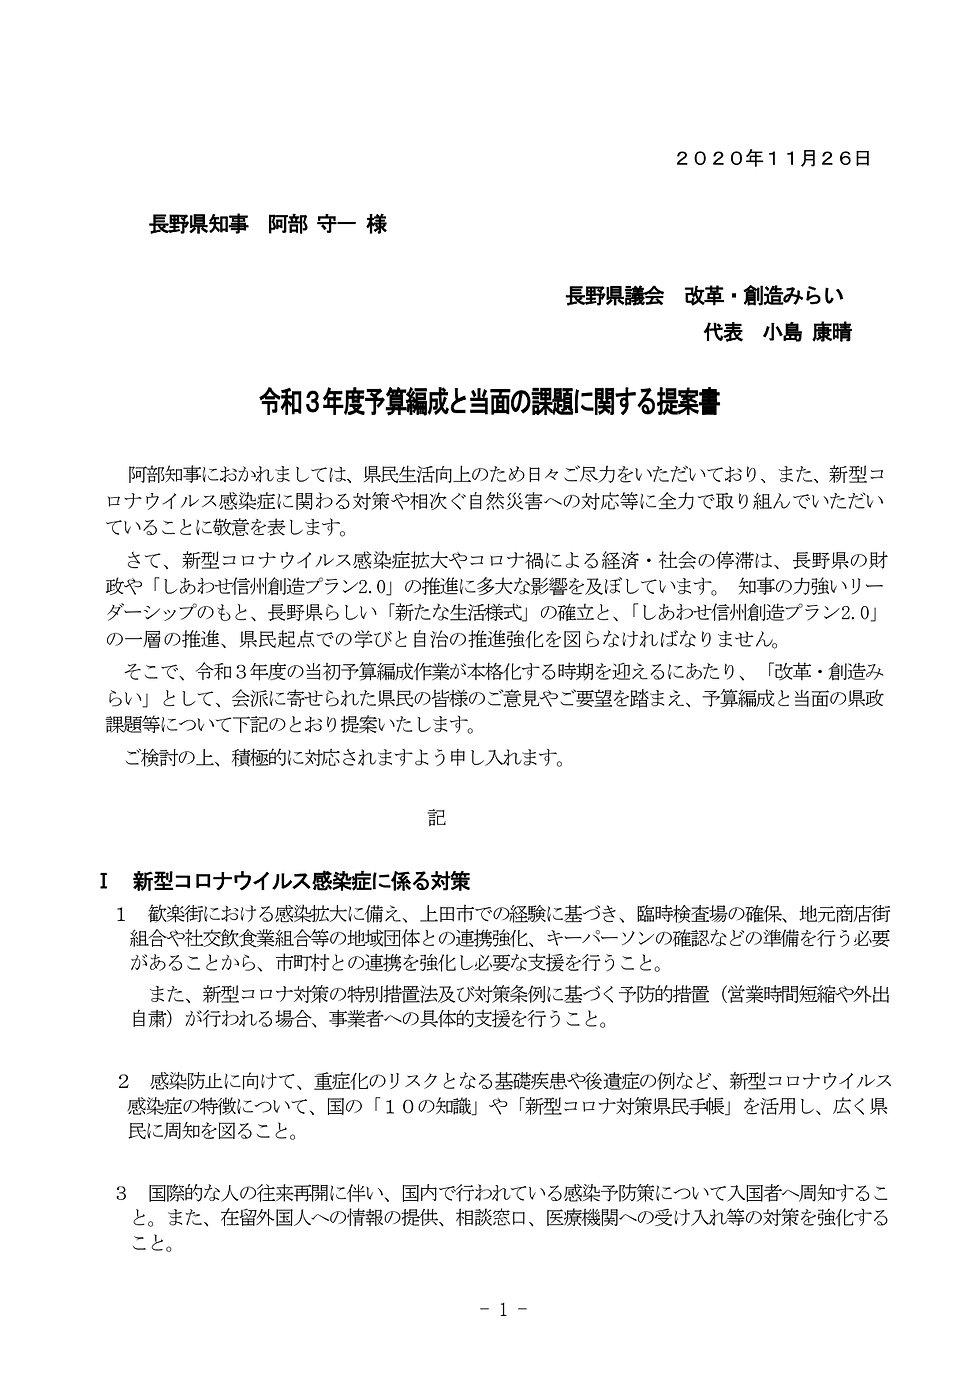 令和3年度予算編成と当面の課題に関する提案書_page-0001.jpg